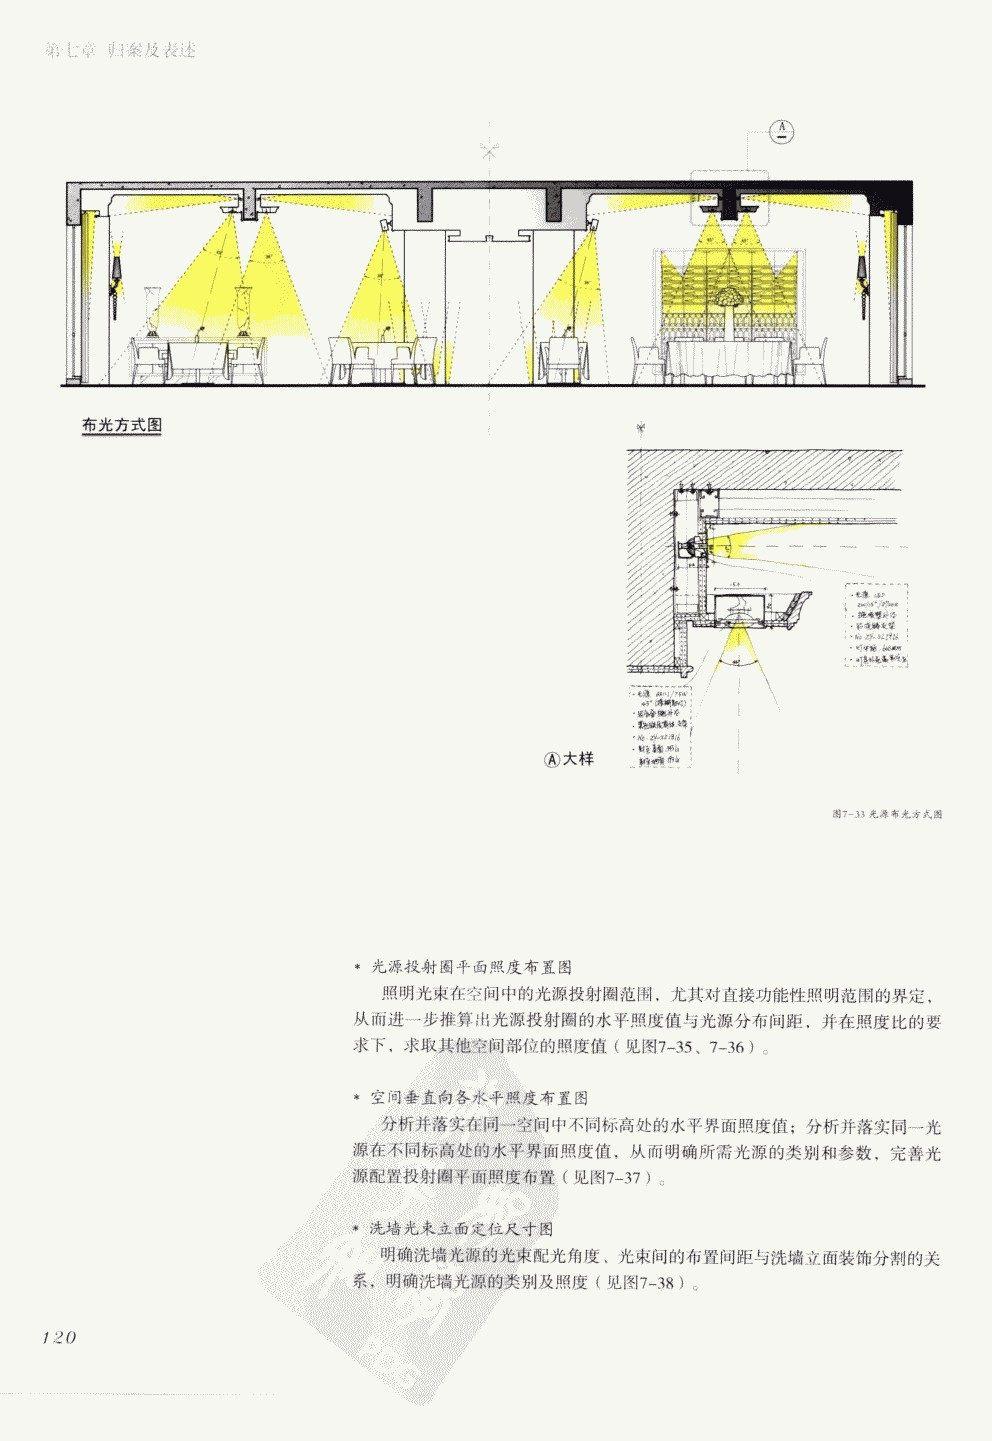 室内设计纲要++概念思考与过程表达_室内设计纲要  概念思考与过程表达_1297982..._页面_128.jpg